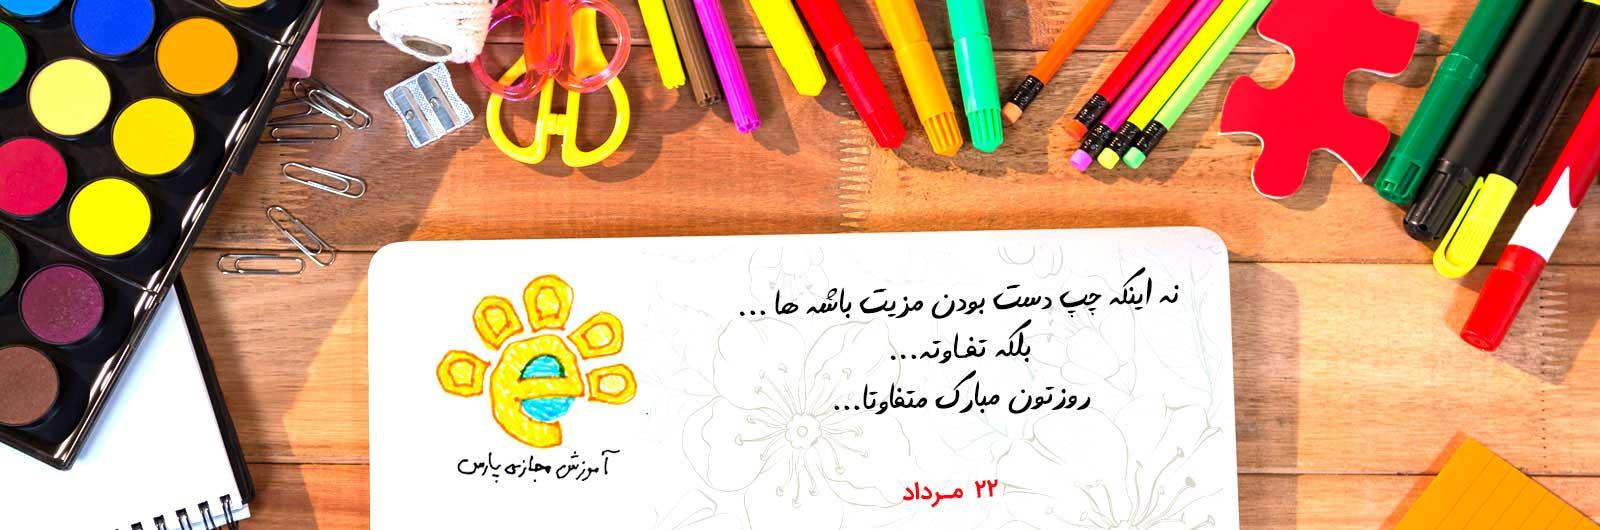 روز ۱۳ آگوست (۲۲ مرداد) به عنوان روز جهانی چپ دستها در تقویم ملی کشورمان ثبت شده است .